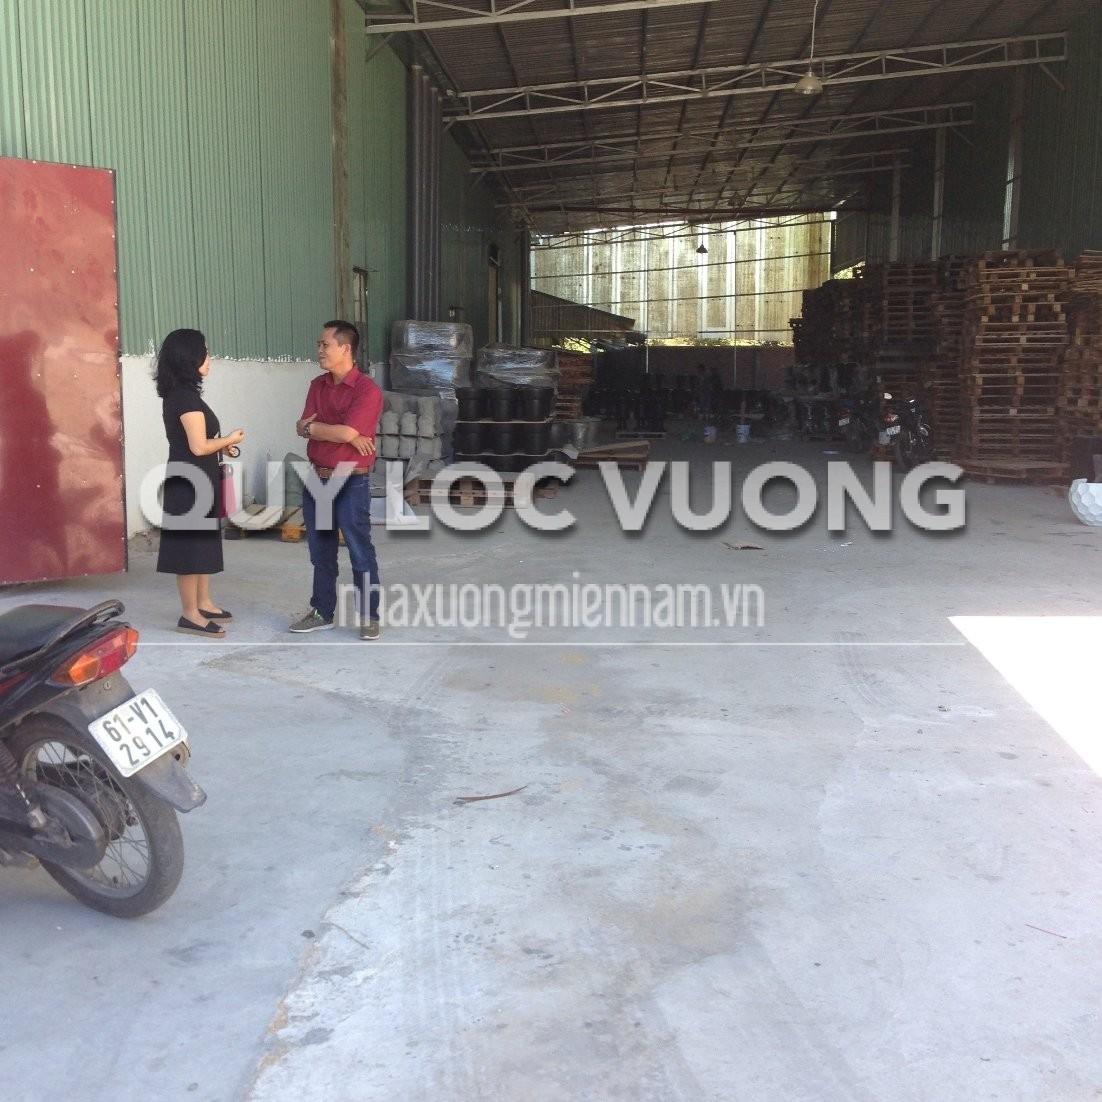 Bán nhà xưởng phường Hội Nghĩa thị xã Tân Uyên khuôn viên 27.000m2